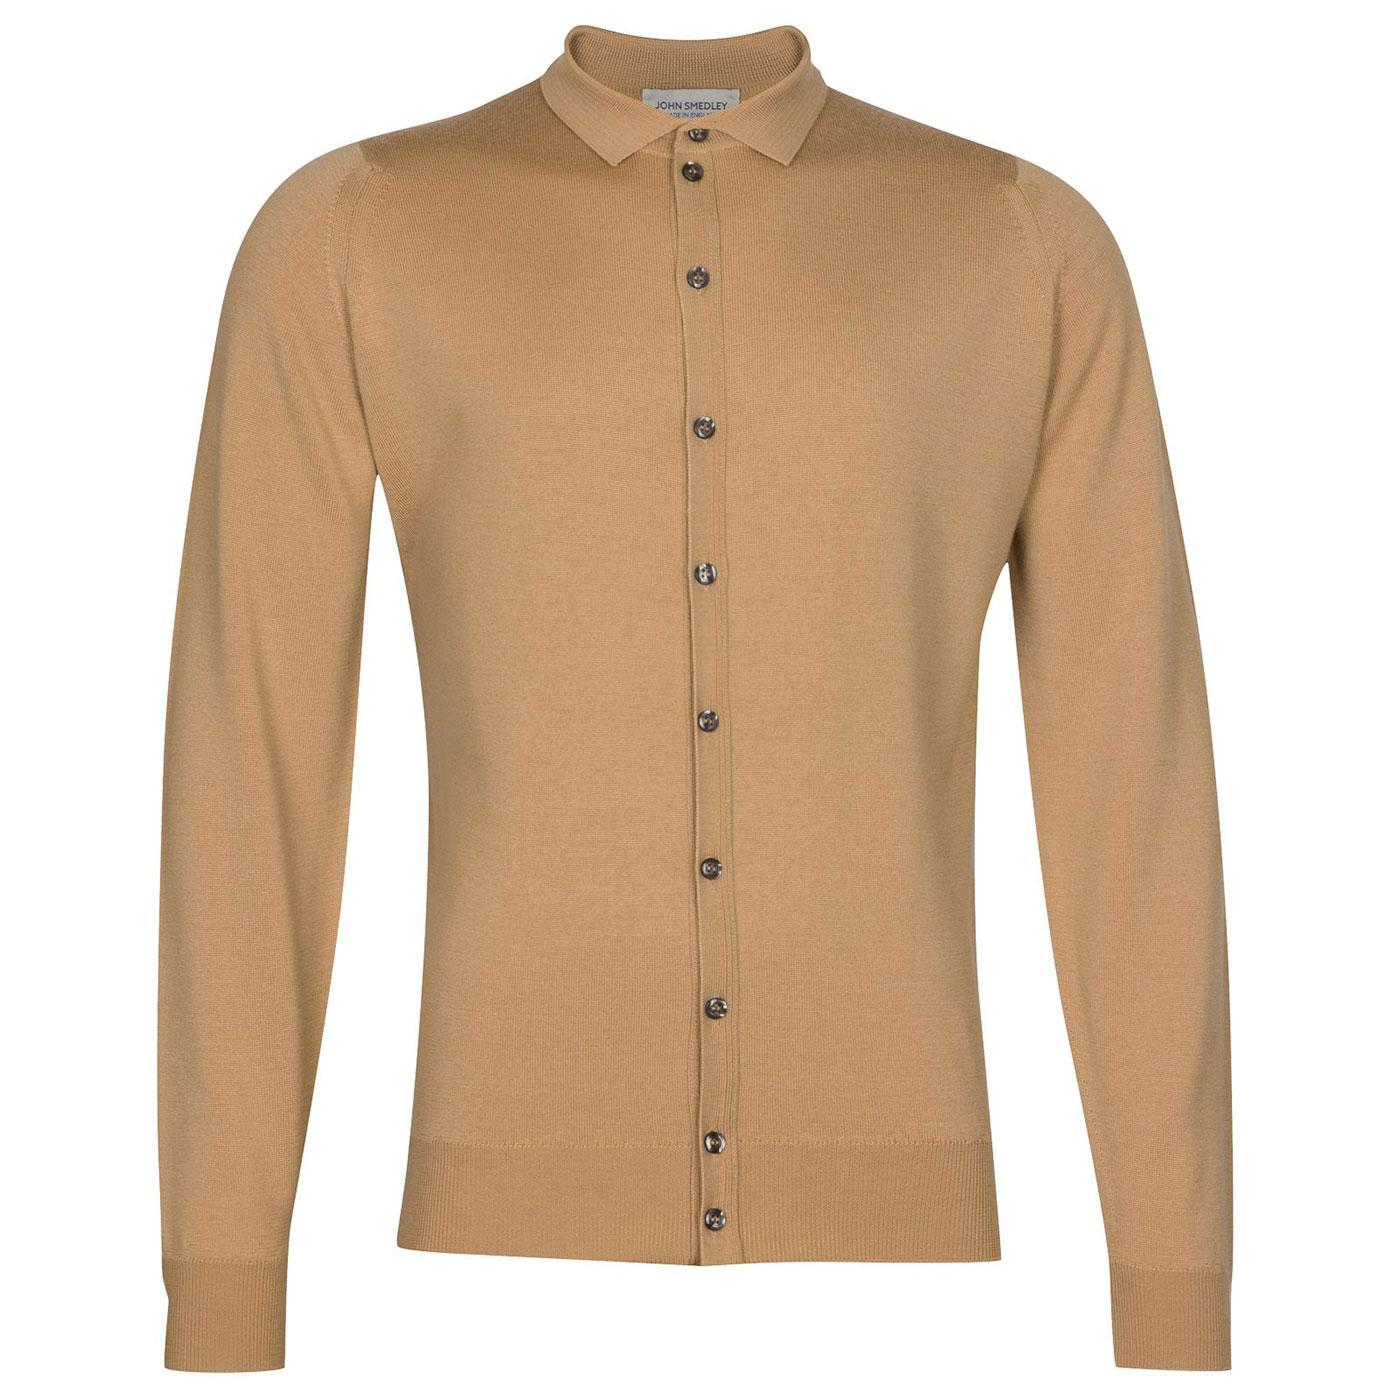 Parwish JOHN SMEDLEY Merino Wool Knit Cardigan LC